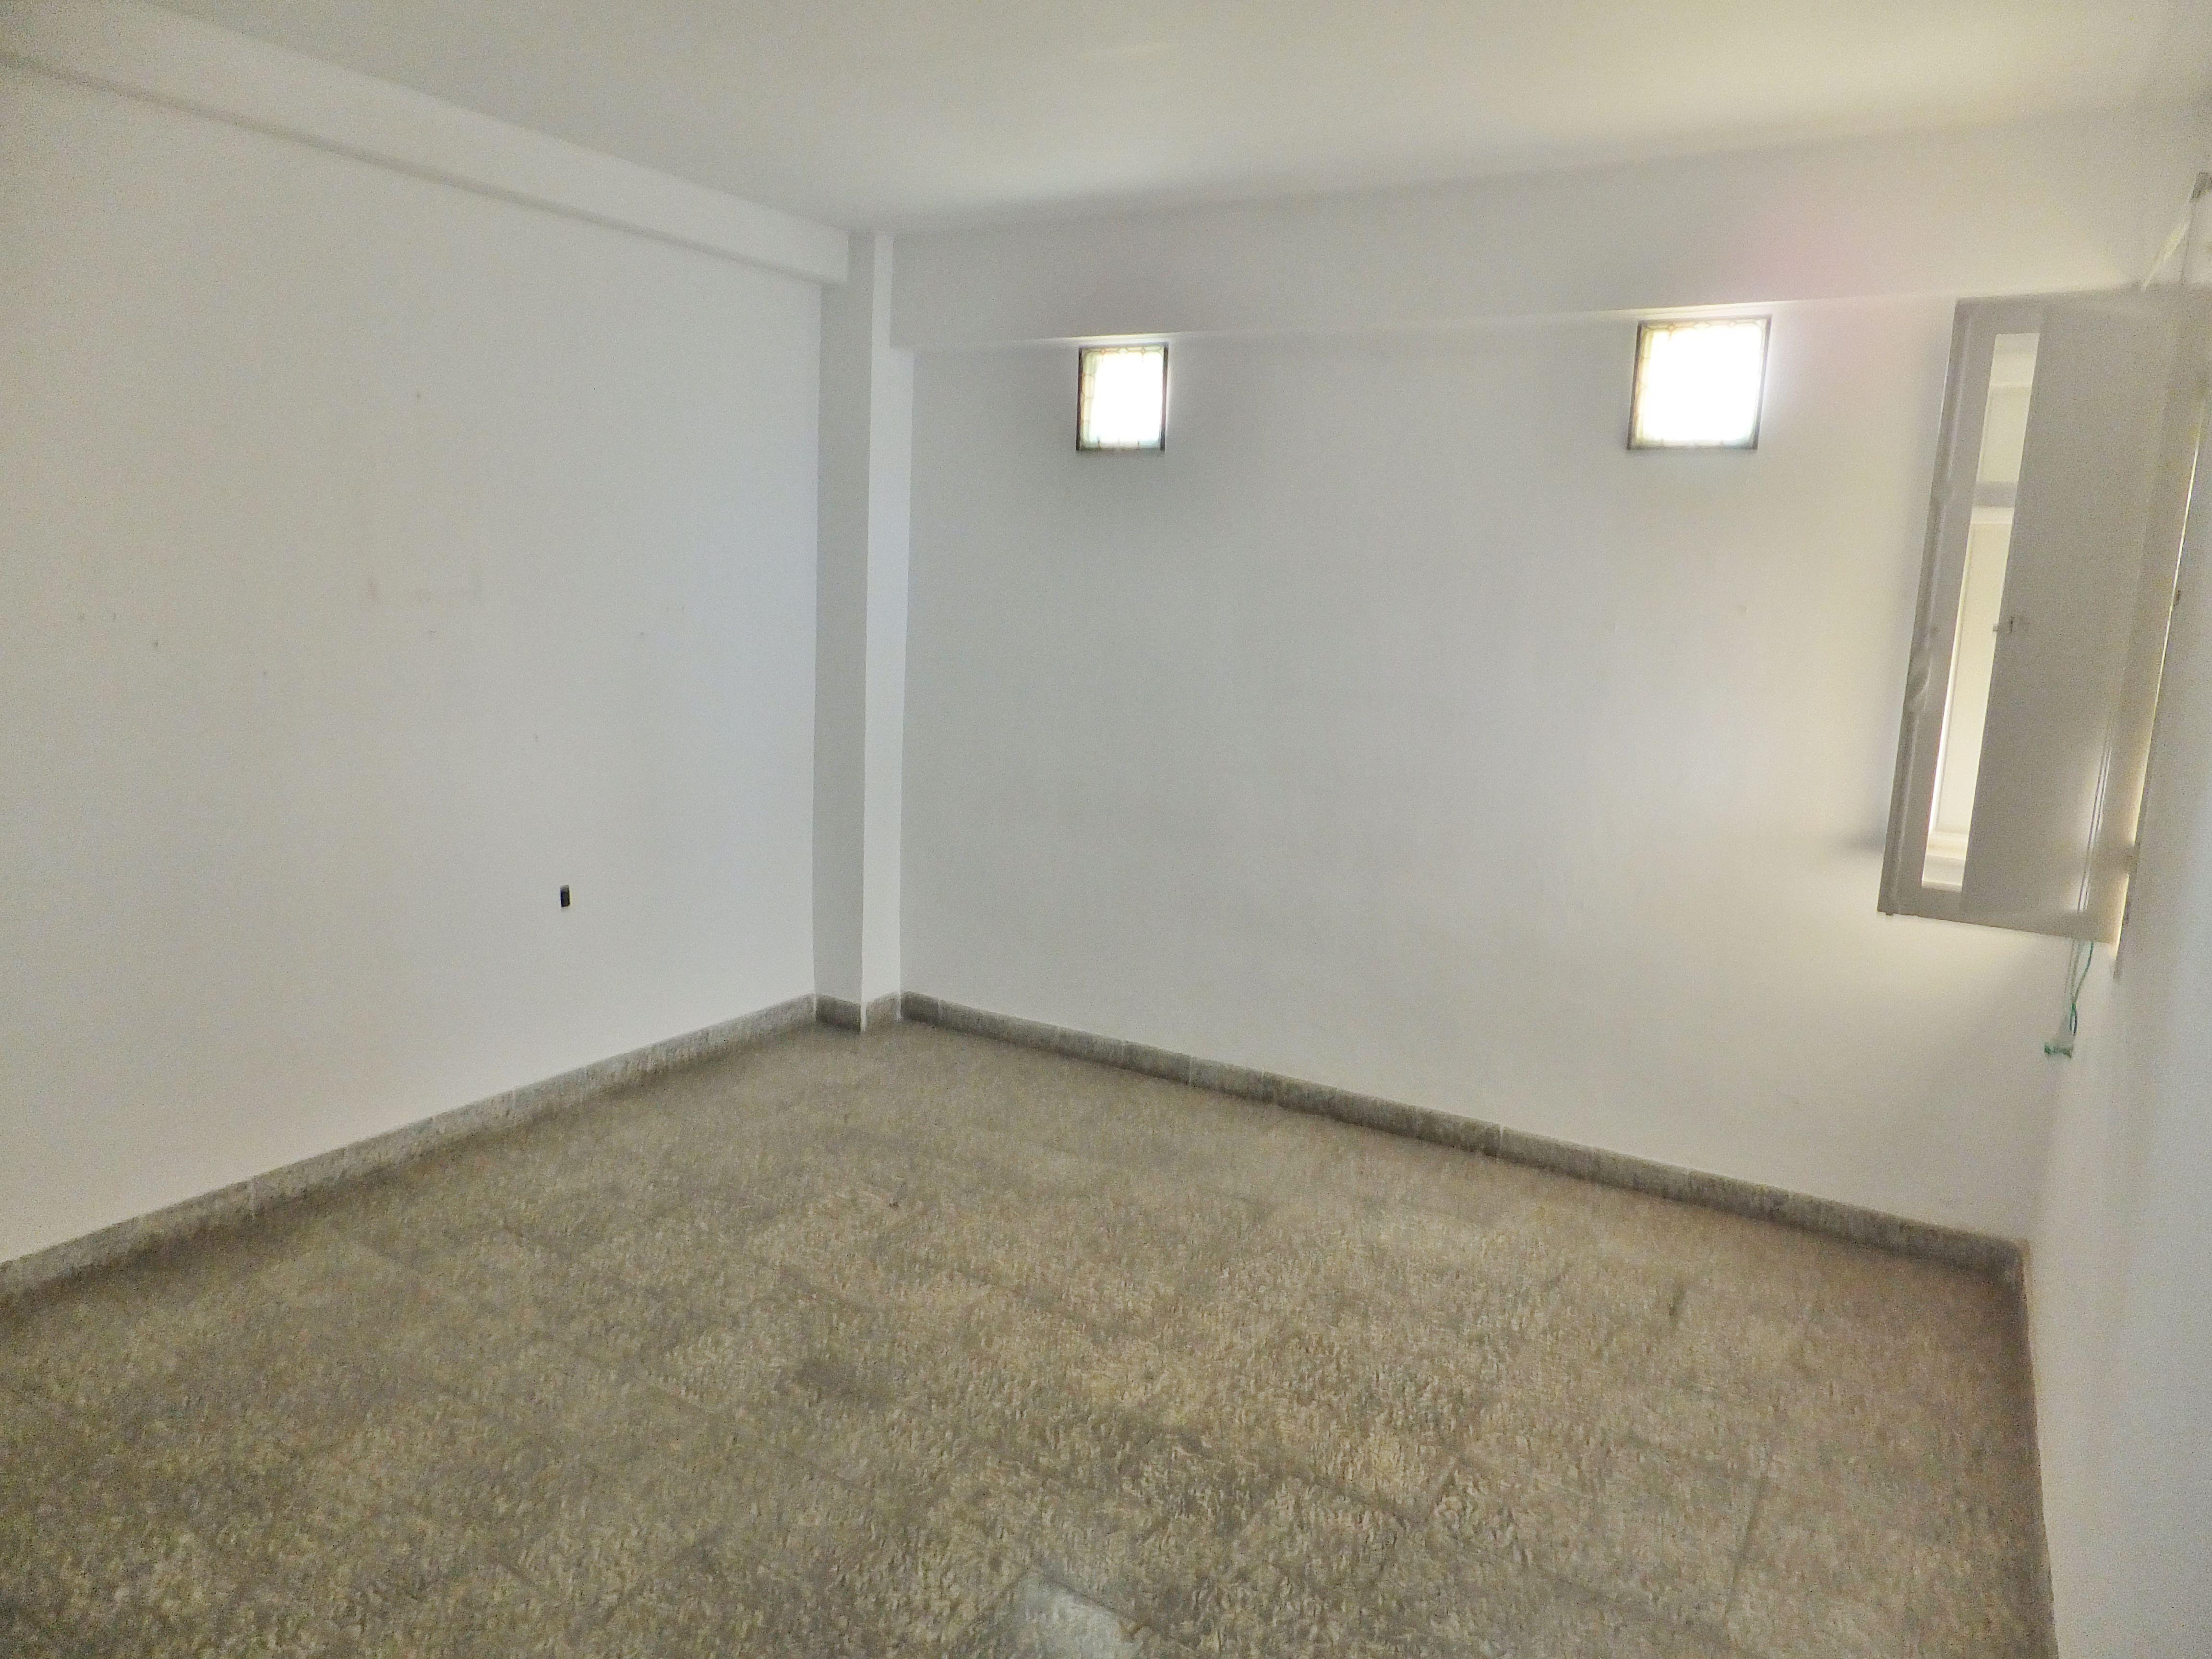 Dscf4310 inmobiliaria piquer for Oficina catastro almeria